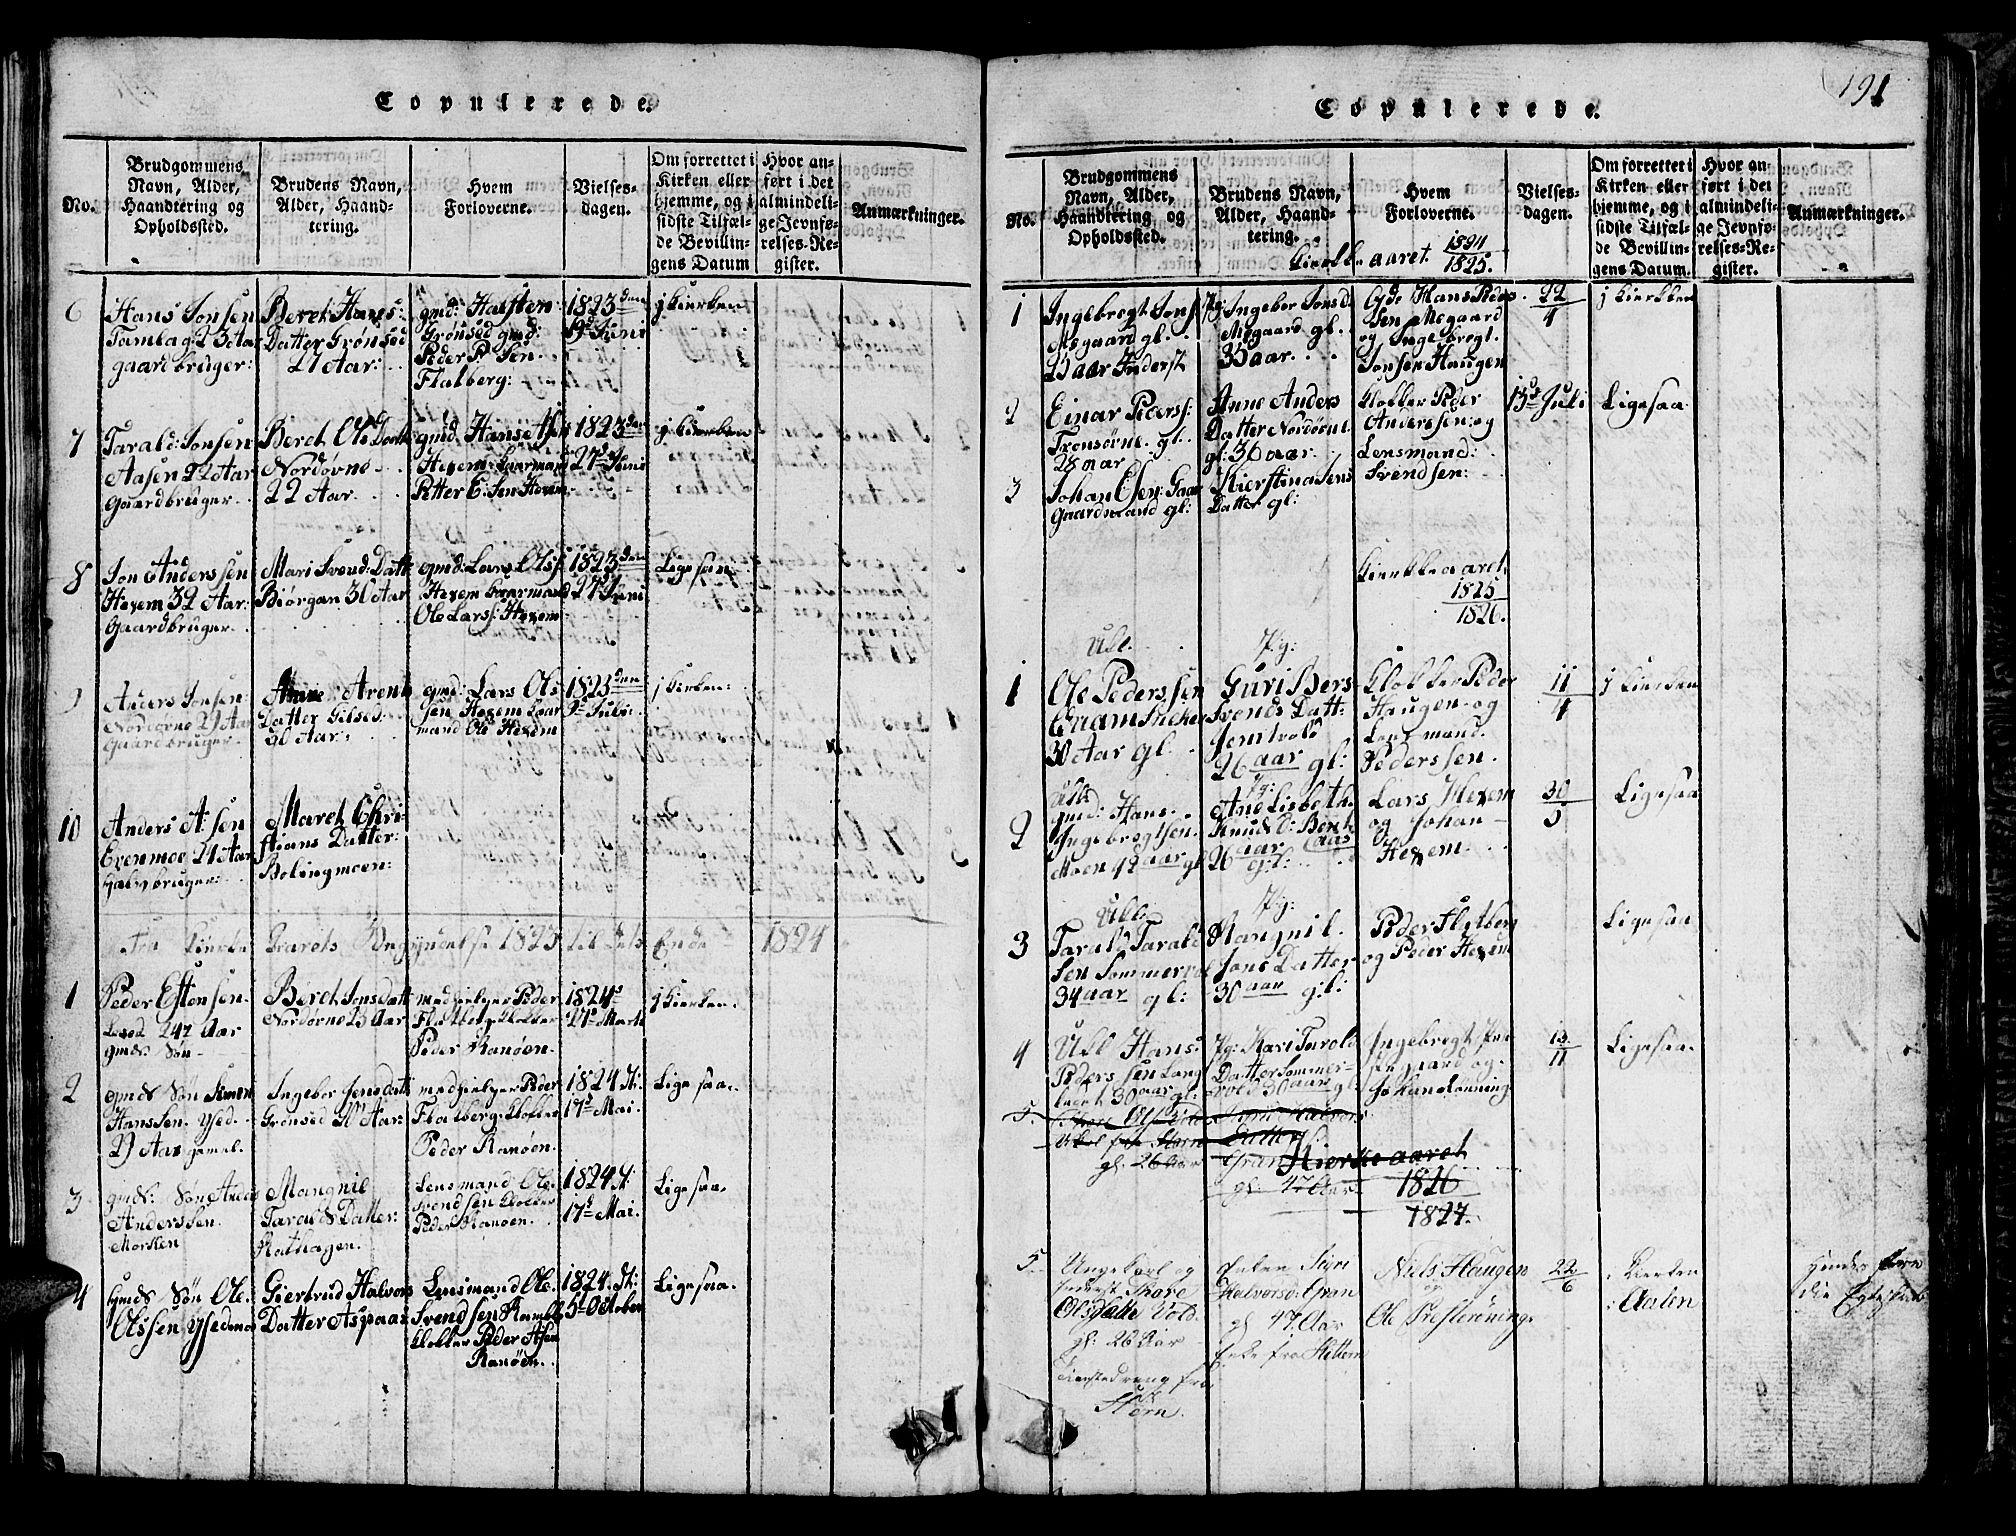 SAT, Ministerialprotokoller, klokkerbøker og fødselsregistre - Sør-Trøndelag, 685/L0976: Klokkerbok nr. 685C01, 1817-1878, s. 191